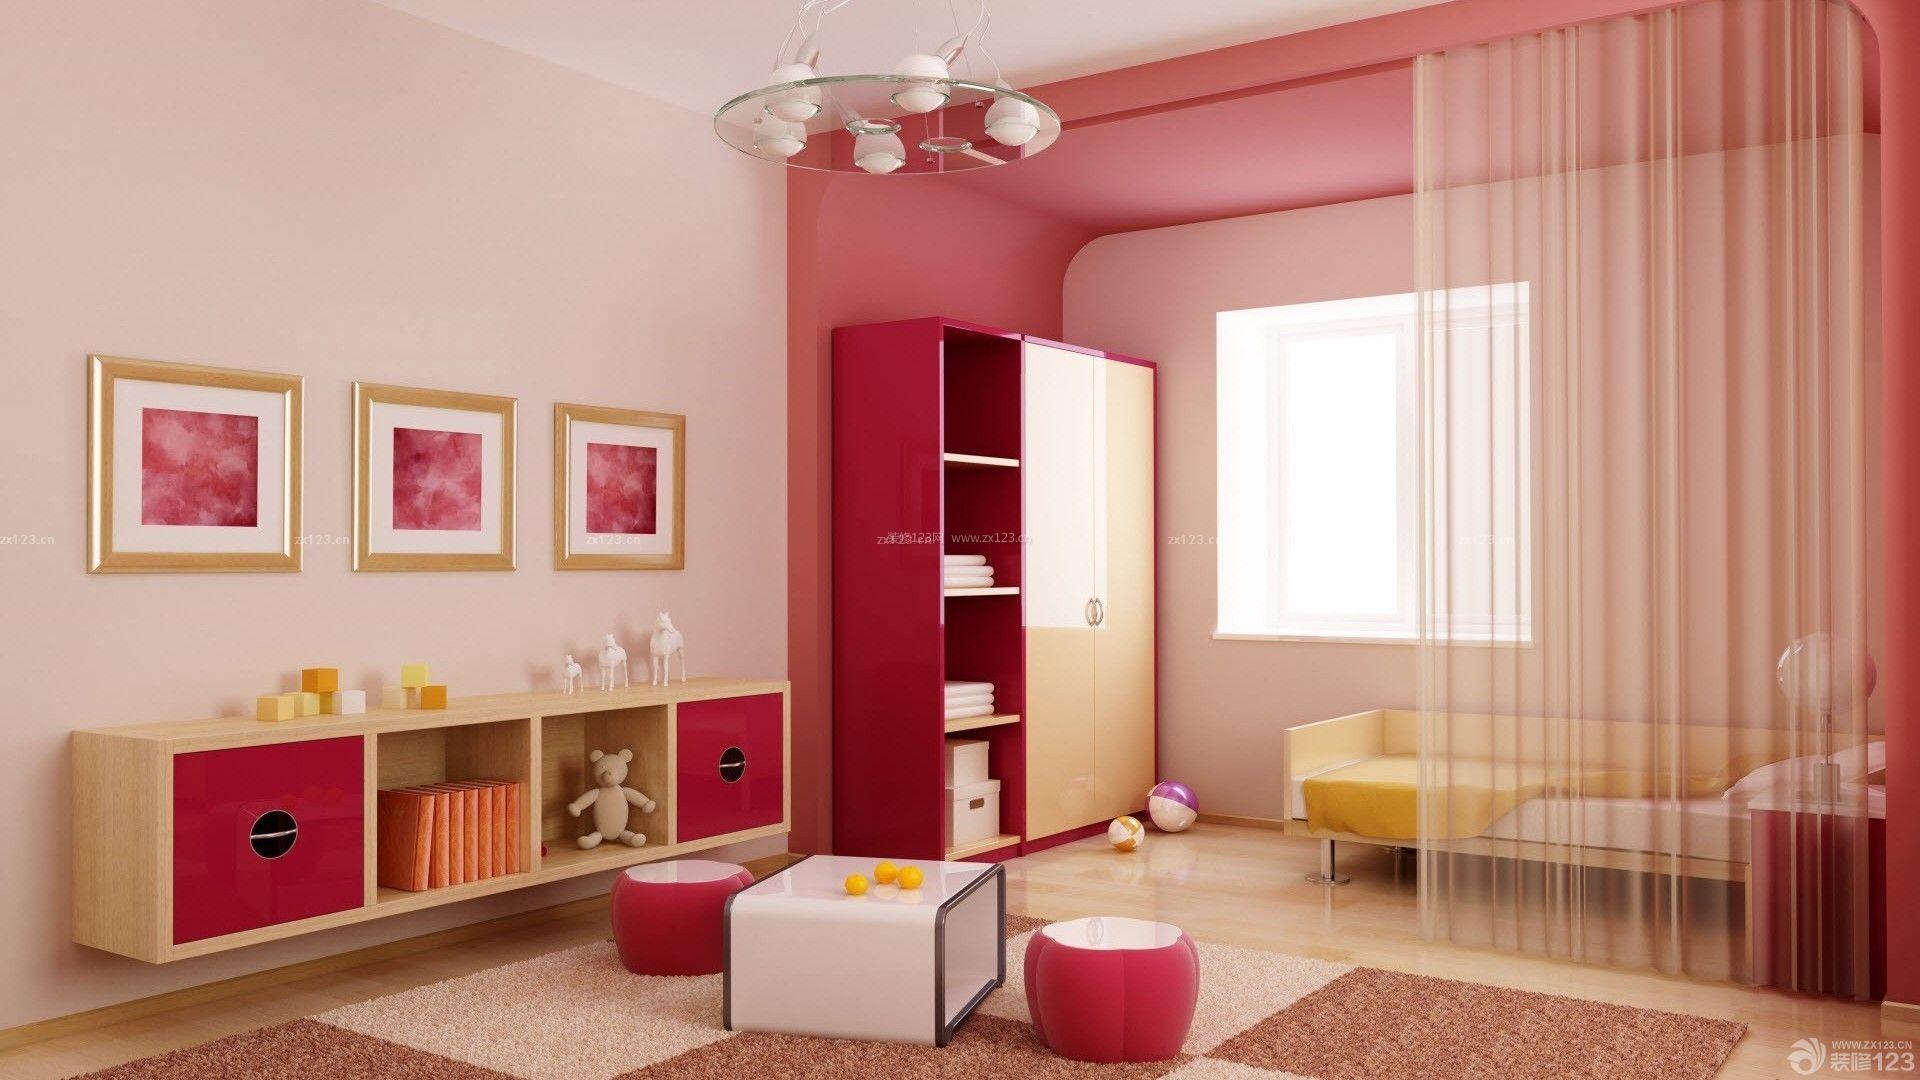 现代简约家装粉色墙面装修效果图